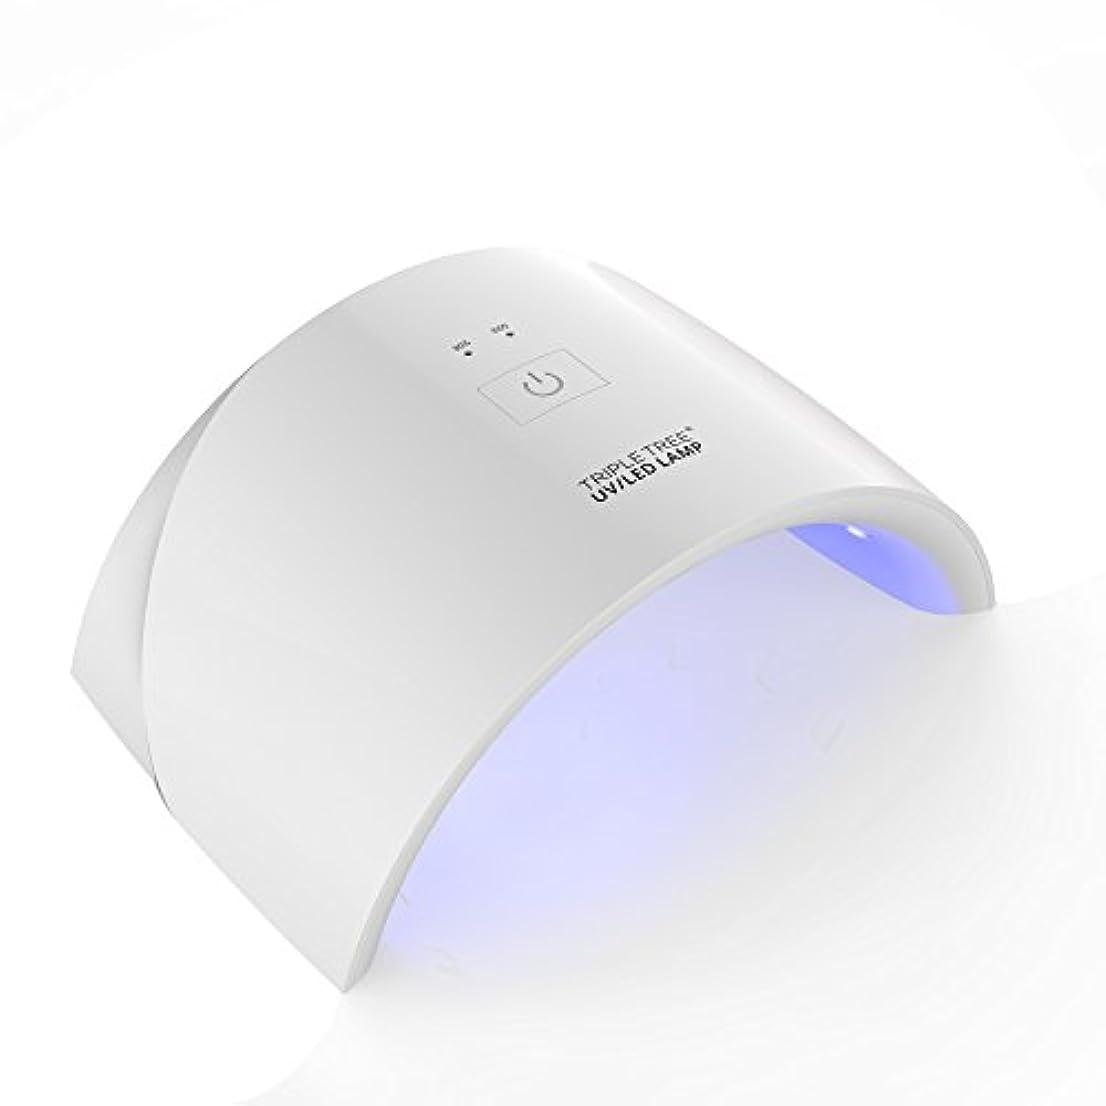 中央値物理学者レタッチLED ネイルドライヤー ネイルらいと 硬化用UVライト UVライト LEDライト マニキュア用 タイマー機能 自動センサー機能 レジンにも便利 (24w)